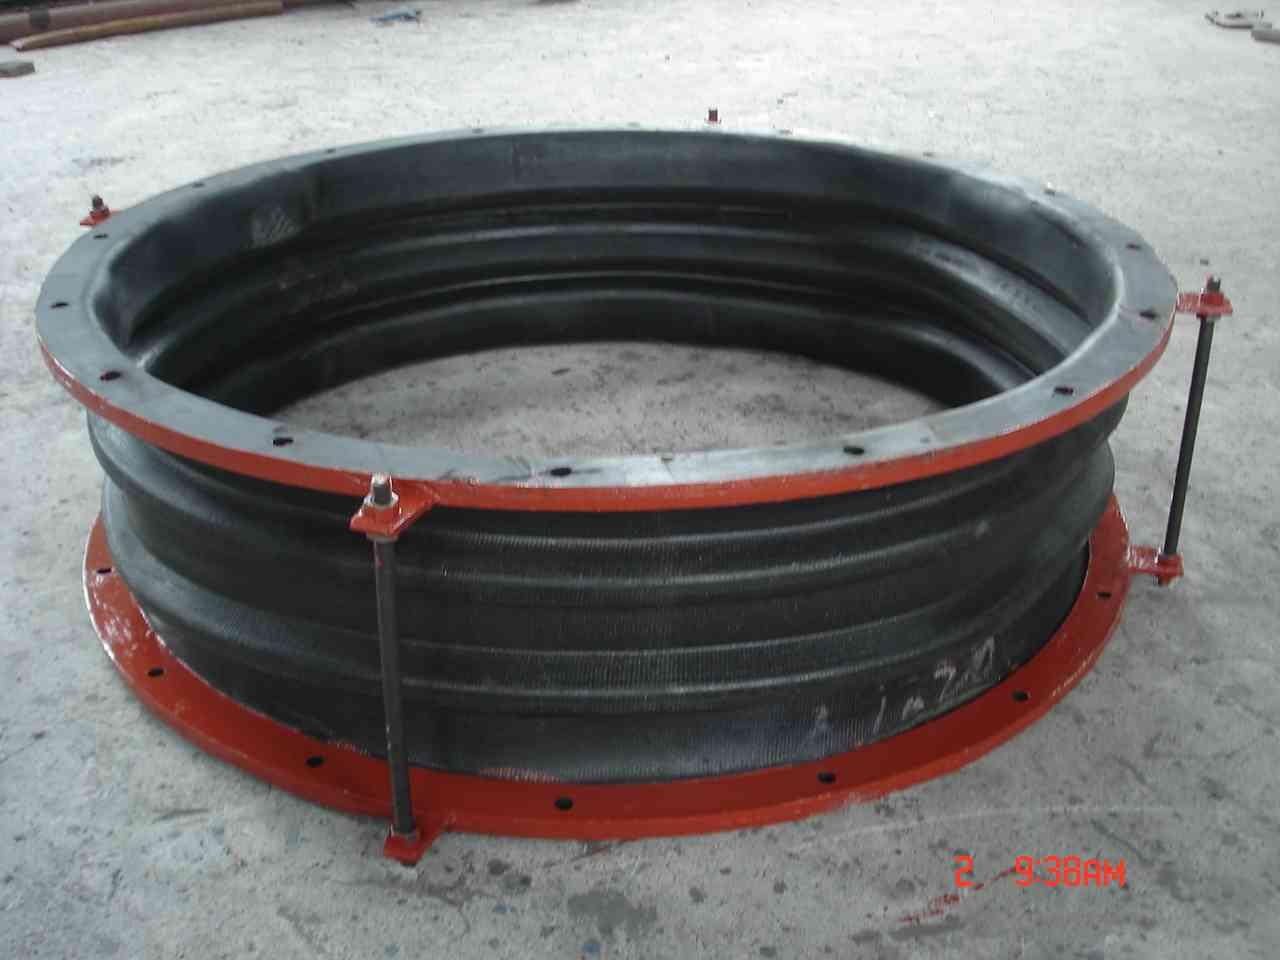 非金属织物补偿器和橡胶补偿器的差别  非金属织物补偿器和橡胶补偿器都是针对通风管道进行设计生产的新型非金属补偿器产品,该产品可以有效的避免各种通风管道工程,在运行过程中所产生的震动,有效的基地震动对于送风管道的影响,所以非金属织物补偿器和橡胶补偿器产品,在各种通风管道中得到了全面的应用,但是虽然工作原理和方式相近,但是从结构上,两者产品有着本质上的差别,超创管道就专业介绍一下这两者产品的差异。 首先我们来看非金属织物补偿器产品,该产品主要采用弹性元件为非金属材质,通常是纤维织物,所以又称织物补偿器(膨胀节